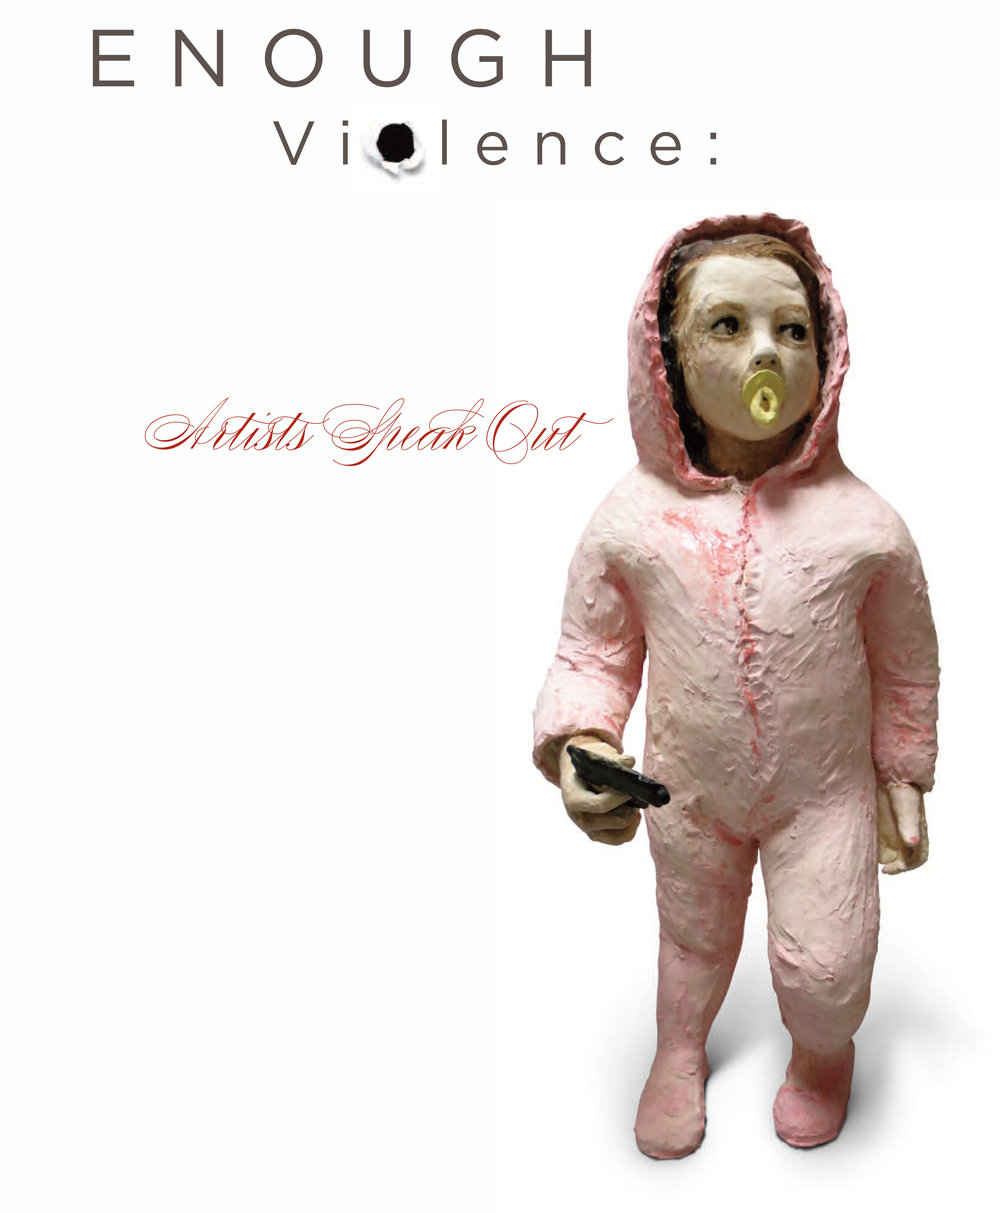 Final Enough Violence (web)-1.jpg